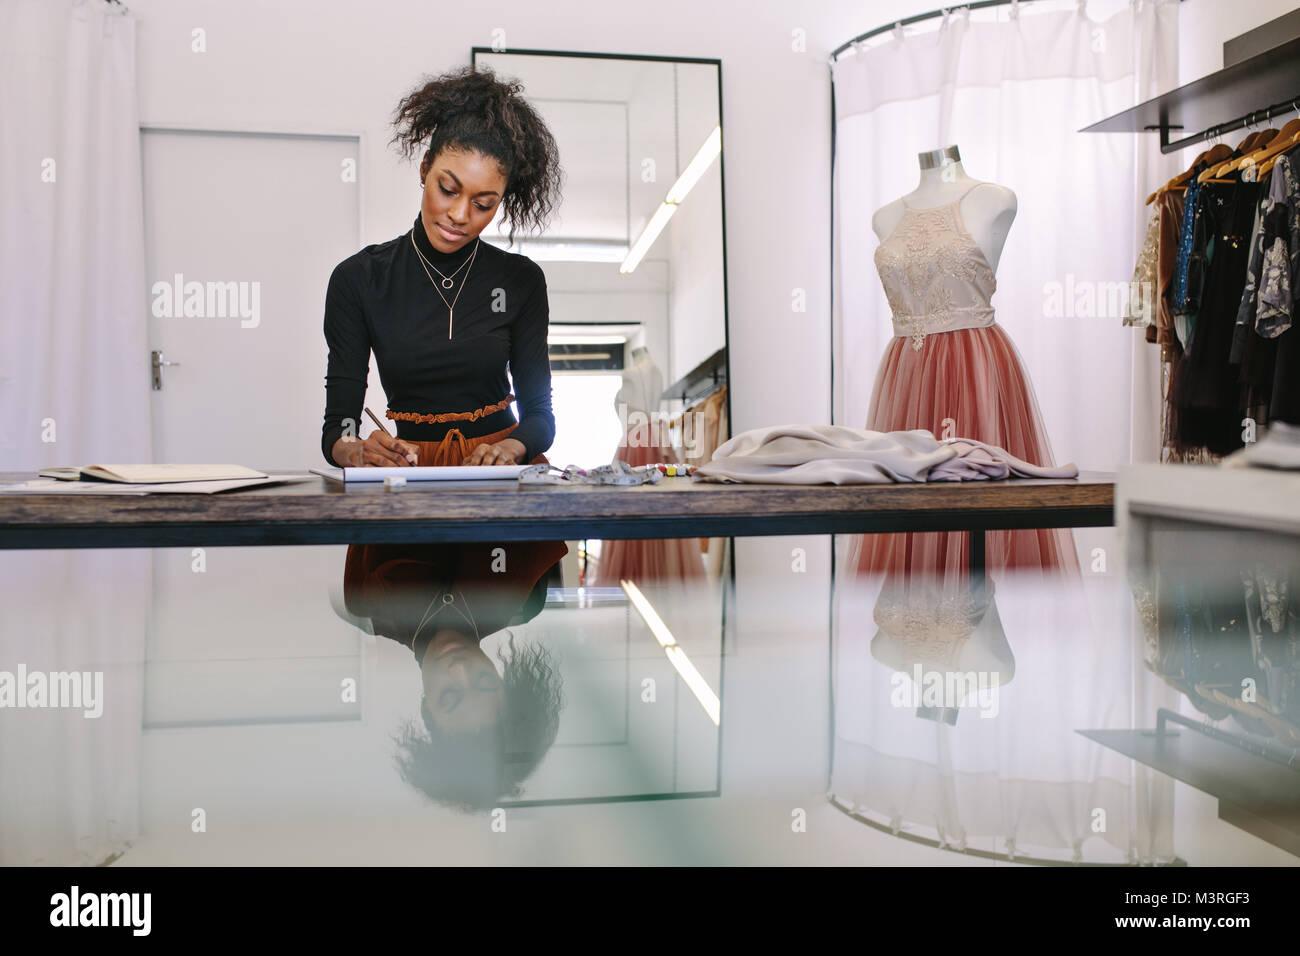 Designer de mode féminine design l'ébauche d'une assise à son tableau. Entrepreneur de mode Photo Stock